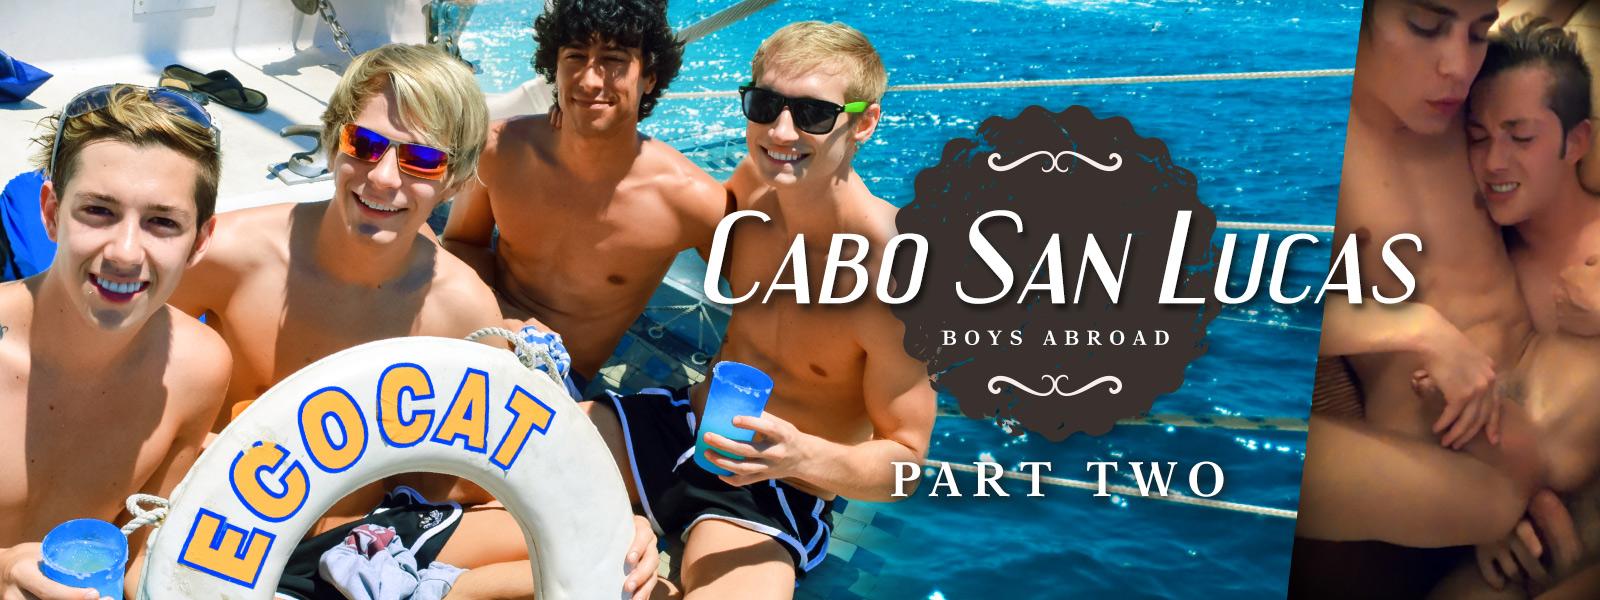 Boys Abroad: Part 2 - Cabo San Lucas